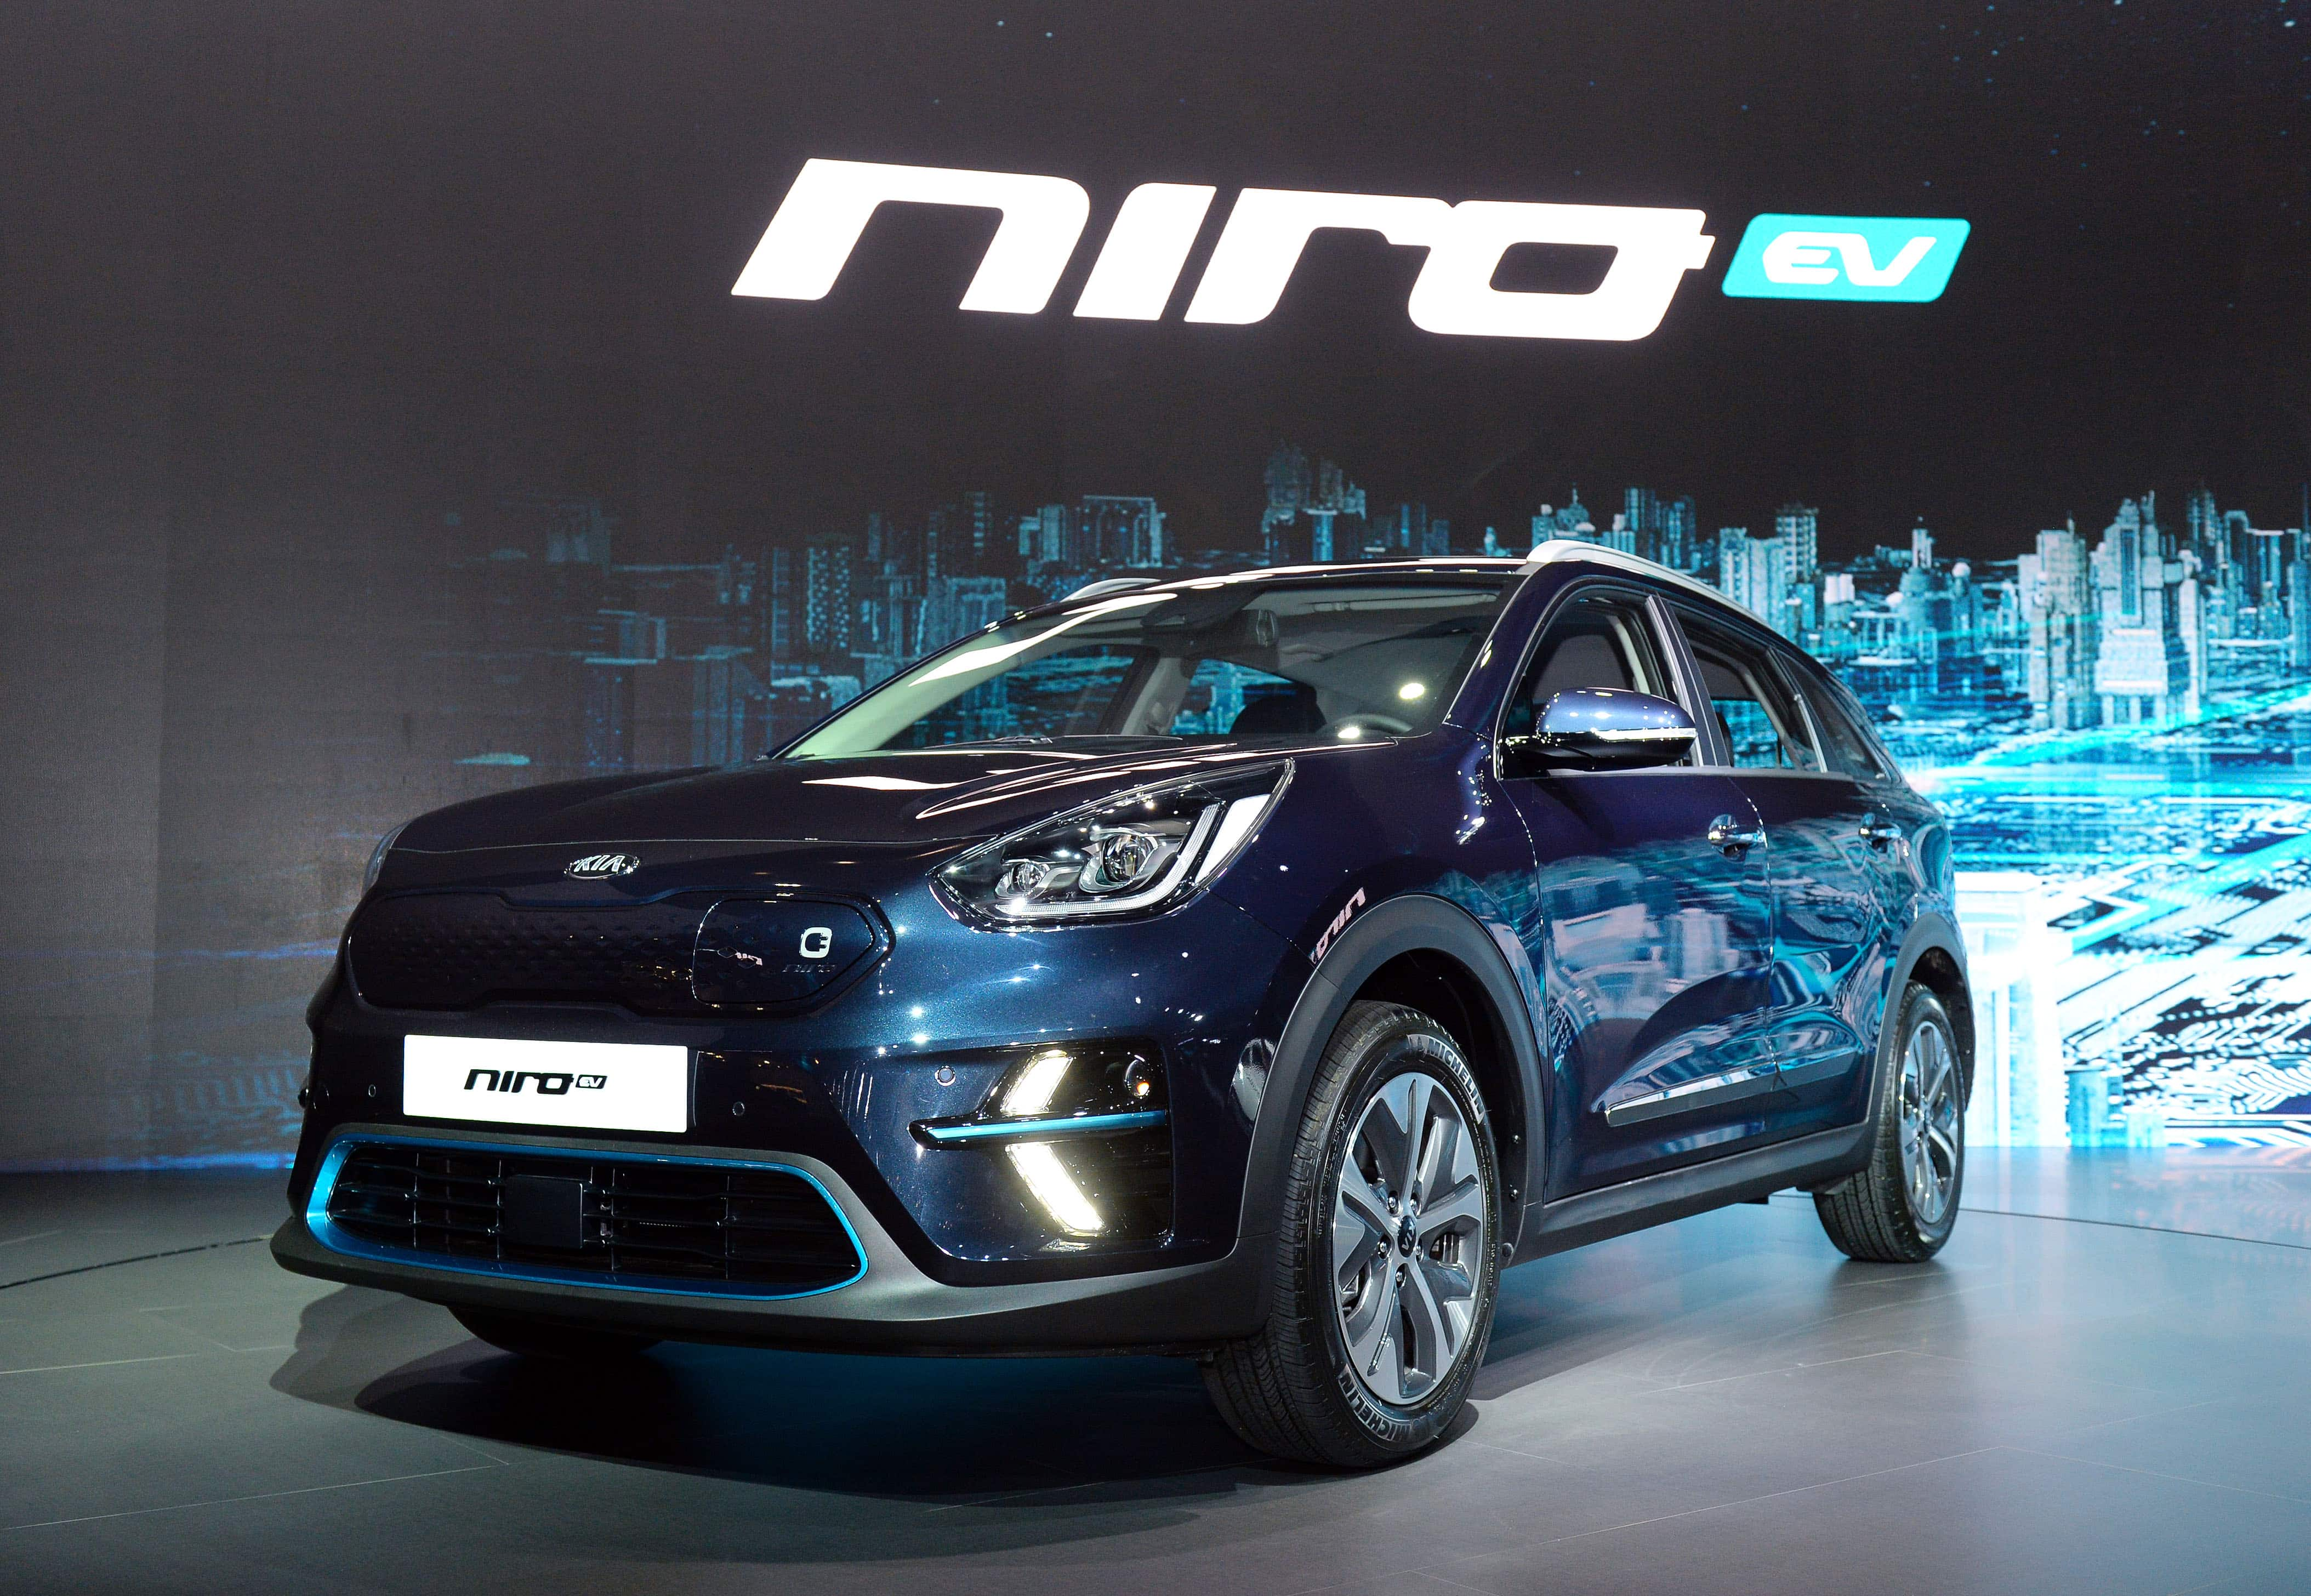 Crossover Kia NIRO EV, E-Mobilität mit wenig Kompromissen! » Kia Niro EV Busan Motorshow 1